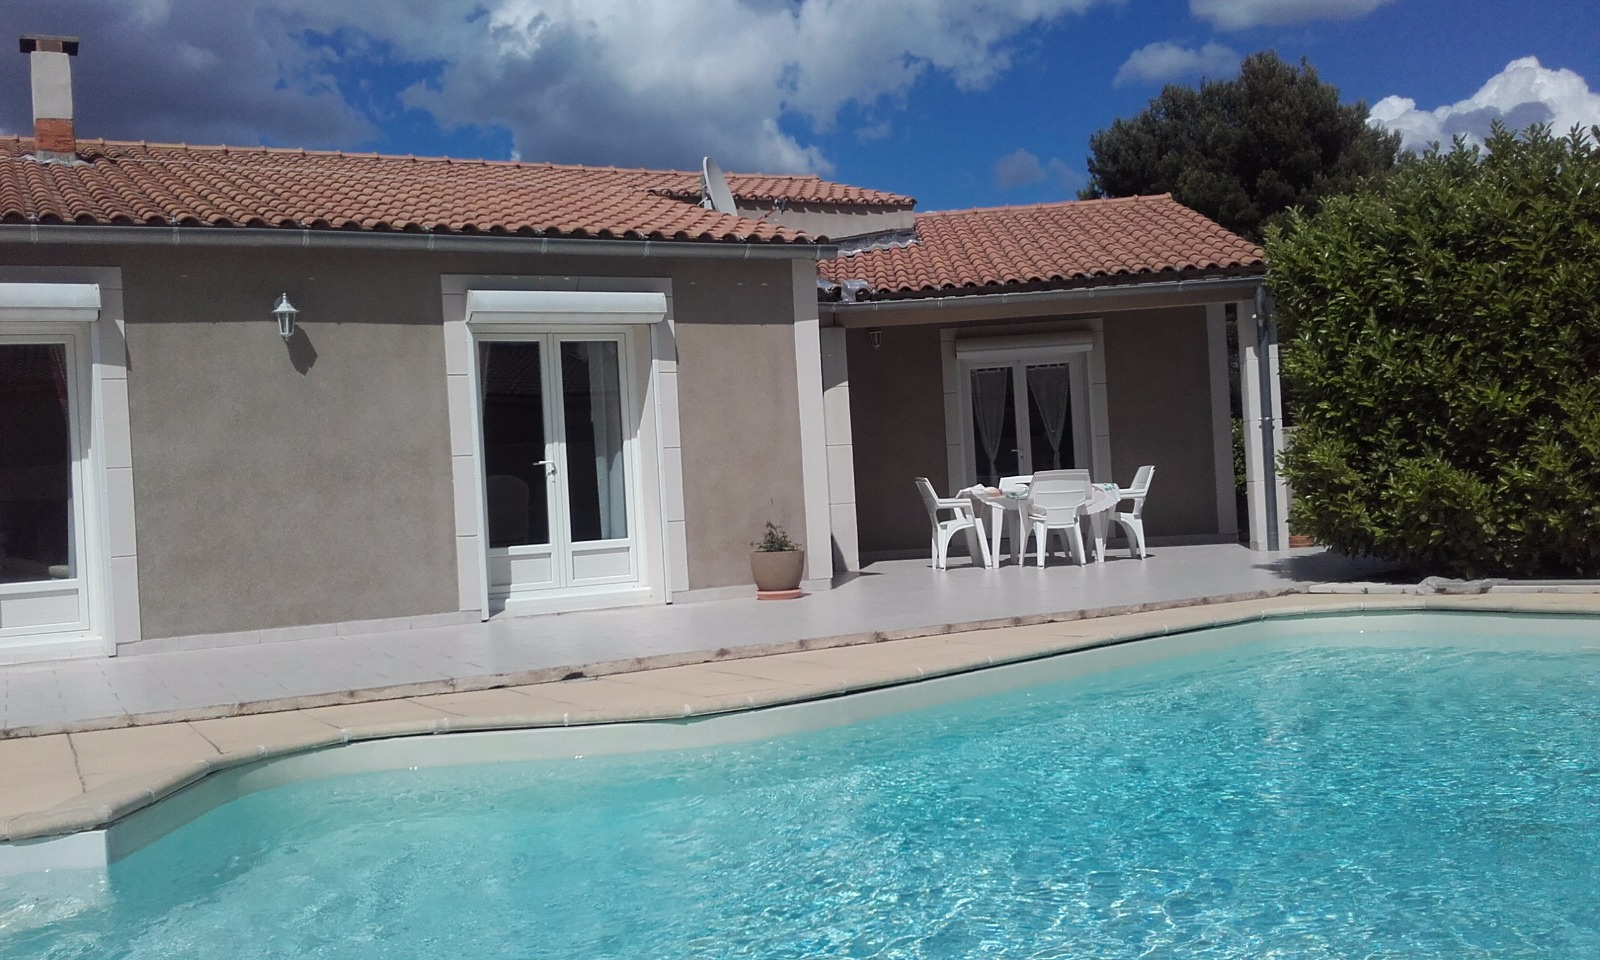 Vente chateaurenard maison villa de plain pied 3 chambres for Villa avec jardin et piscine